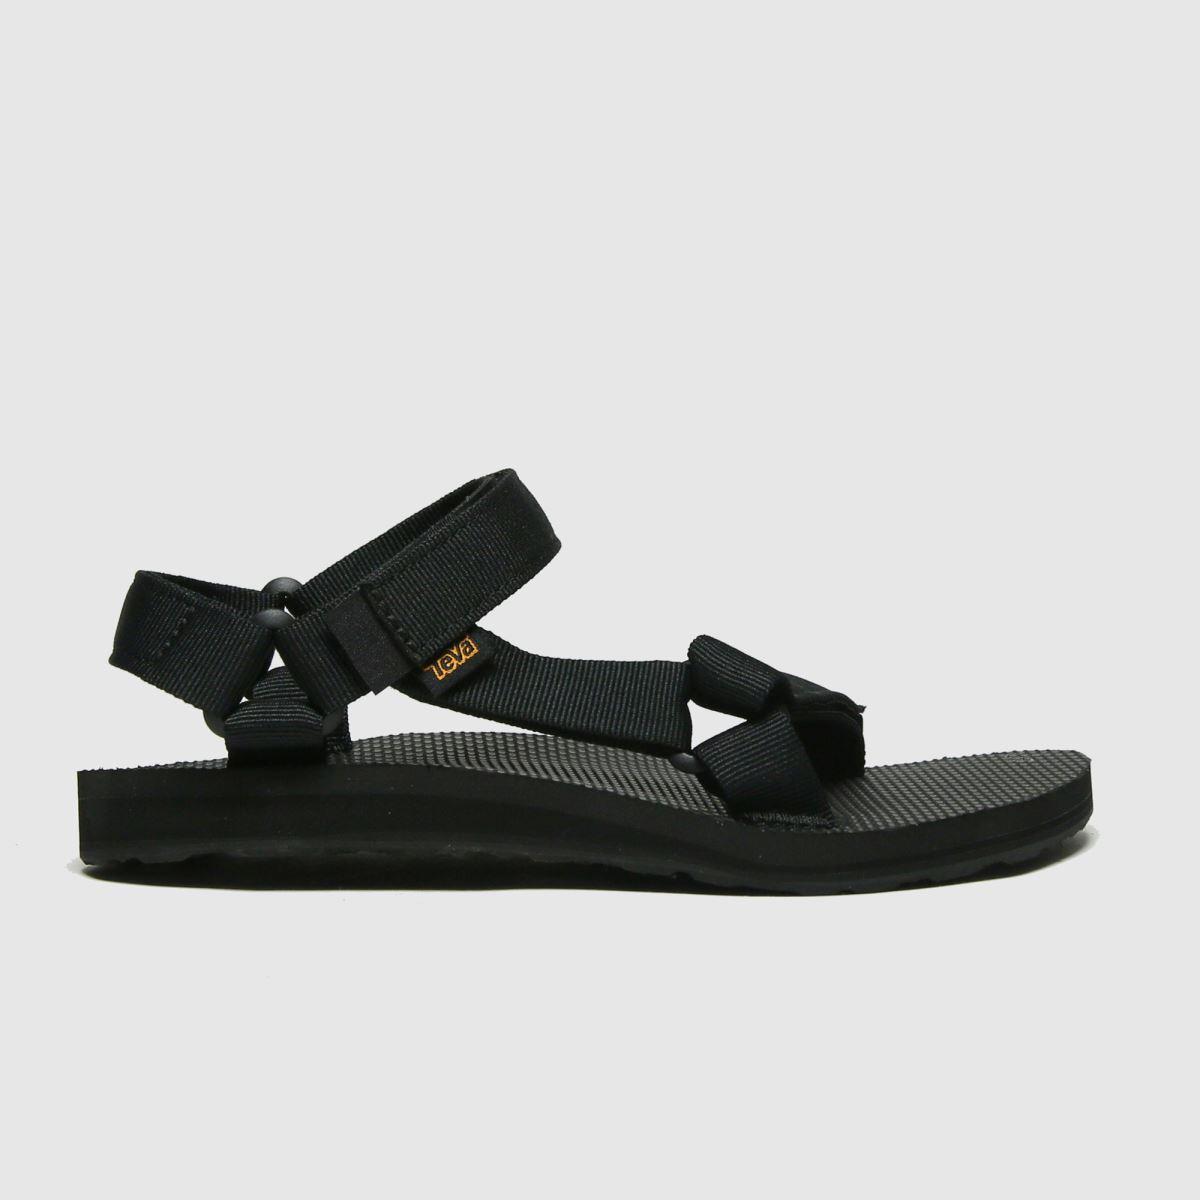 Teva Black Original Universal Vegan Sandals